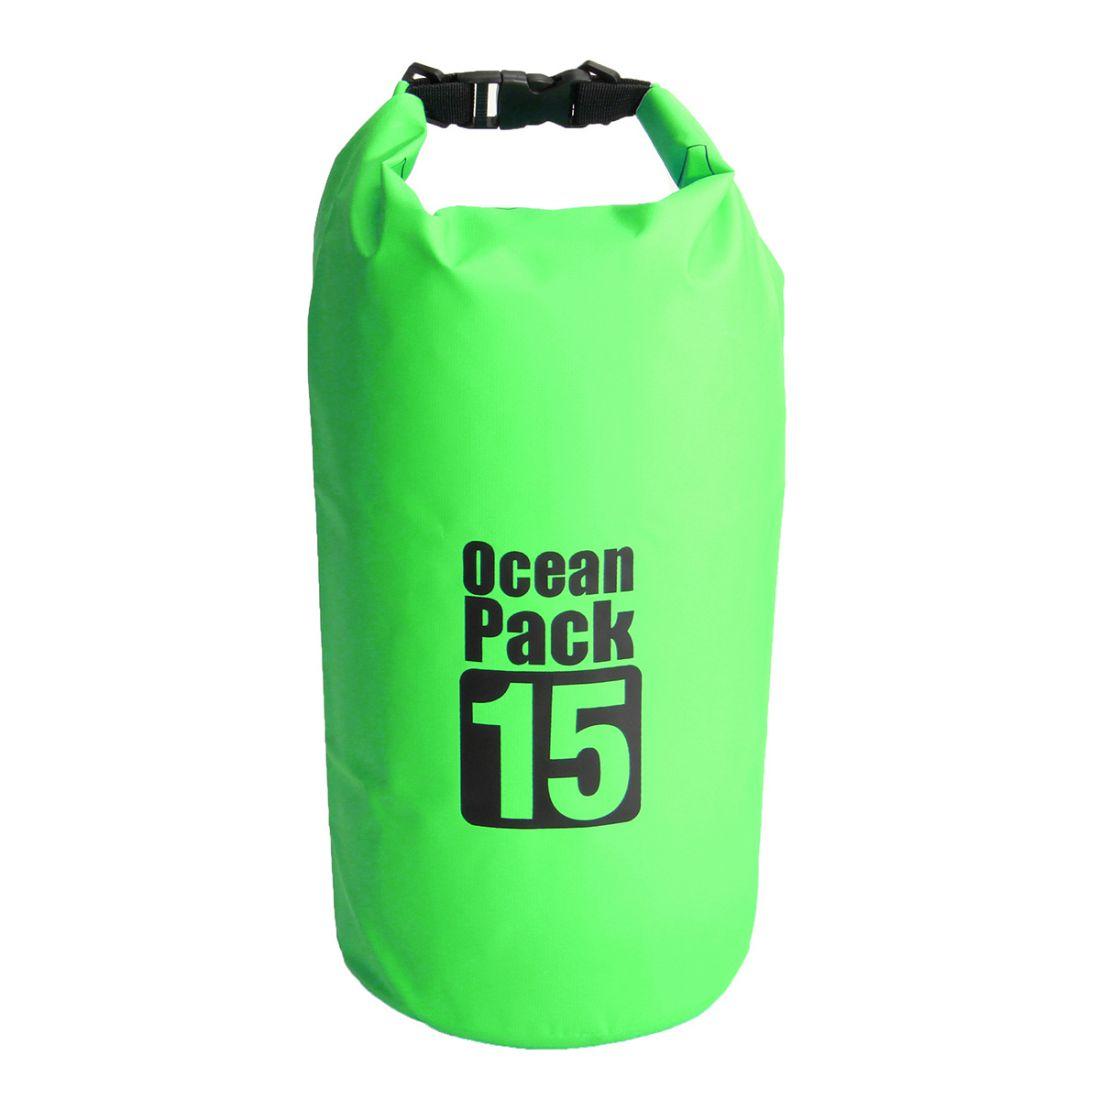 Водонепроницаемая Сумка-Мешок Ocean Pack, 15 L, Цвет Зеленый